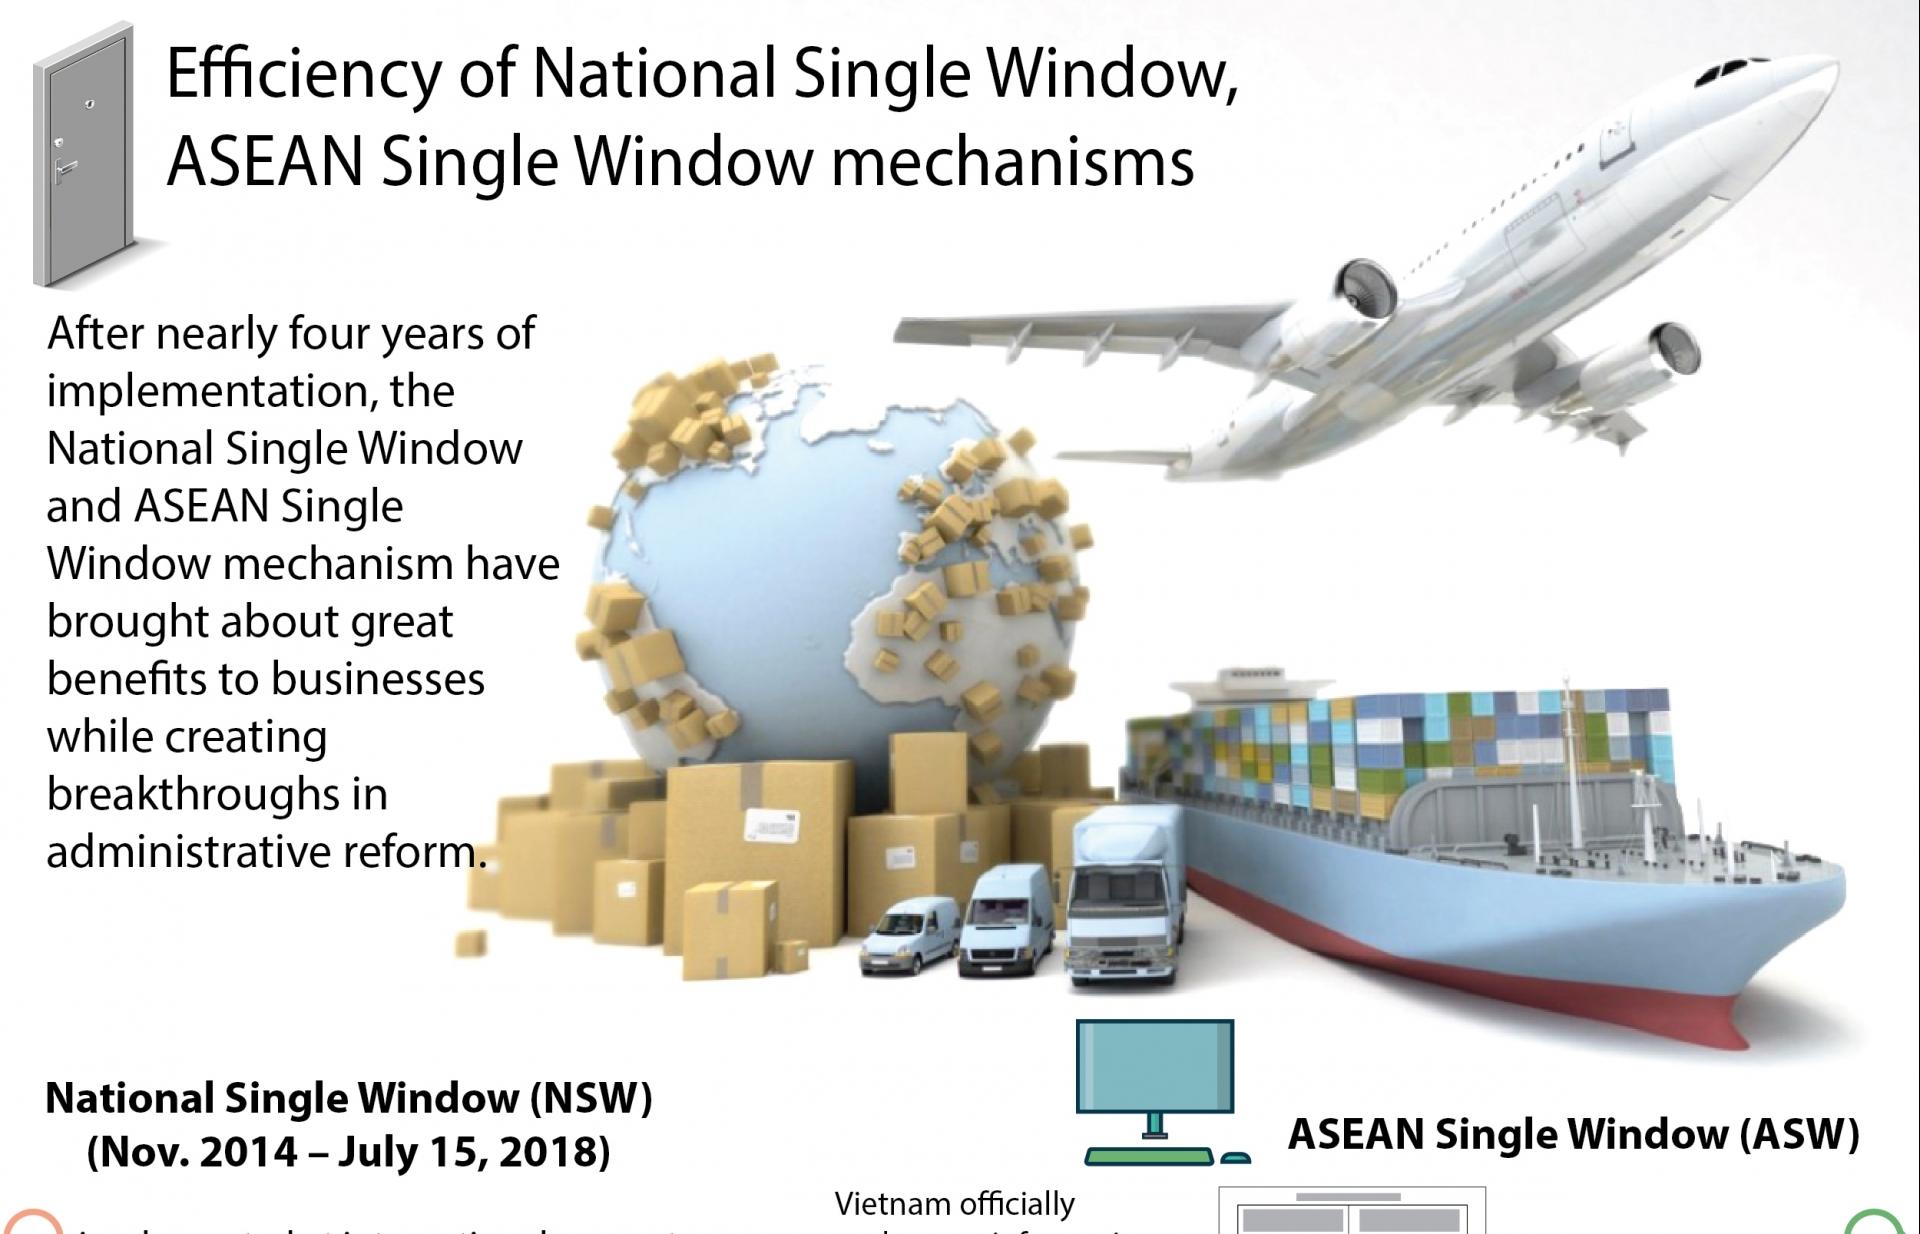 efficiency of national single window asean single window mechanisms